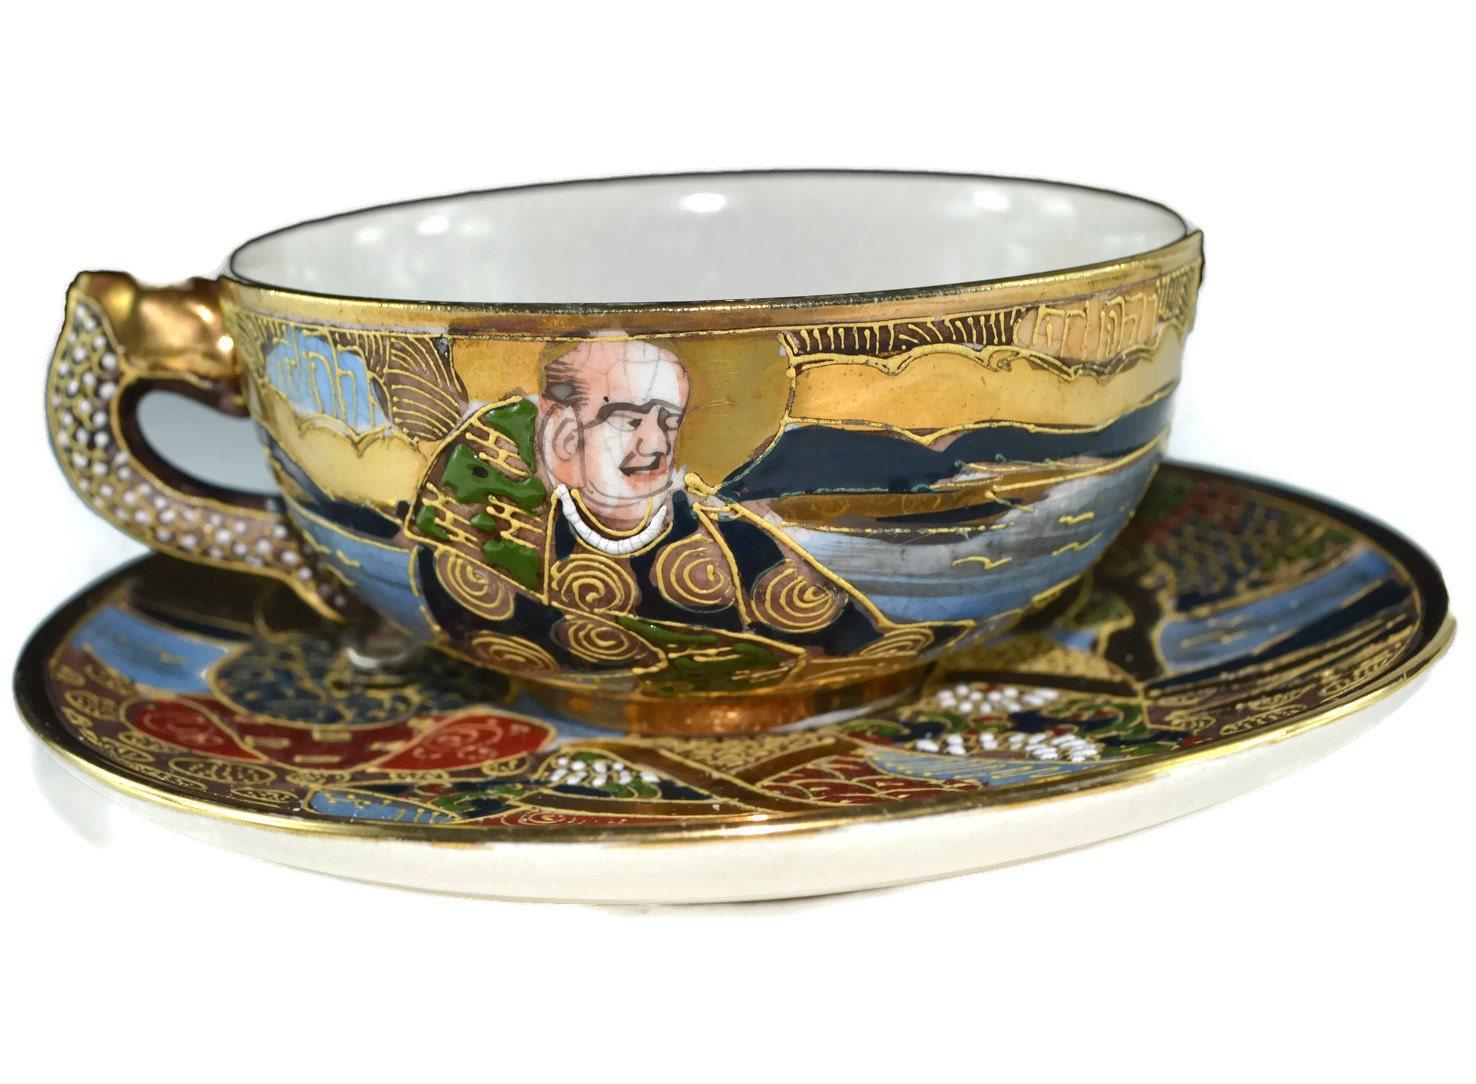 Vintage Satsuma Moriage Tea Cup Japanese Handpainted Ornate